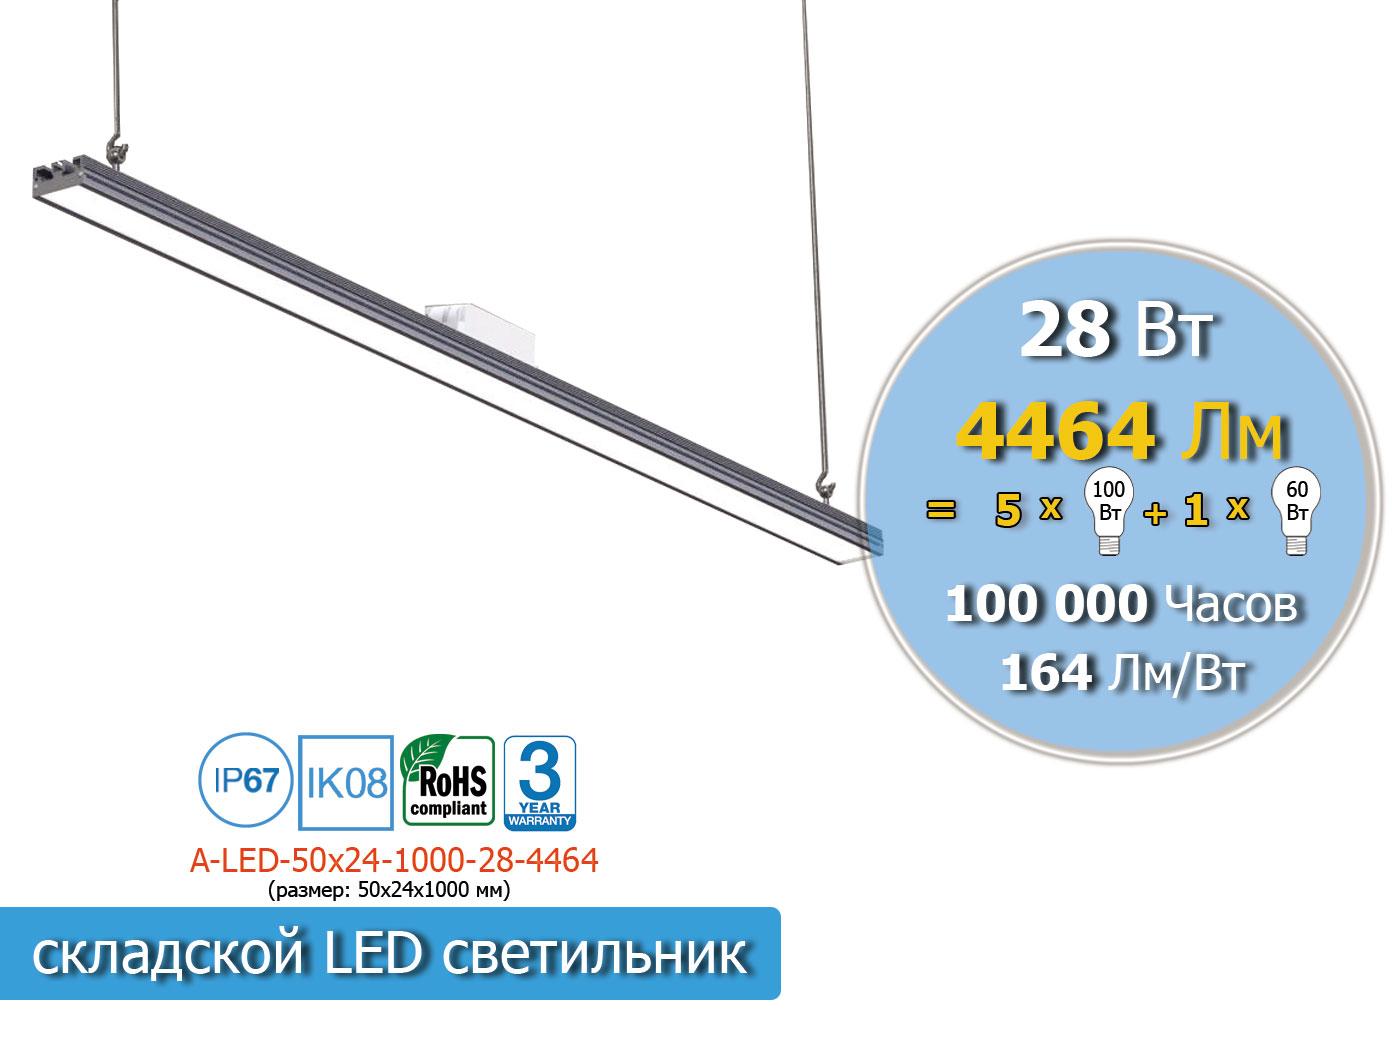 A-LED-50x24-1-1000-28-4464